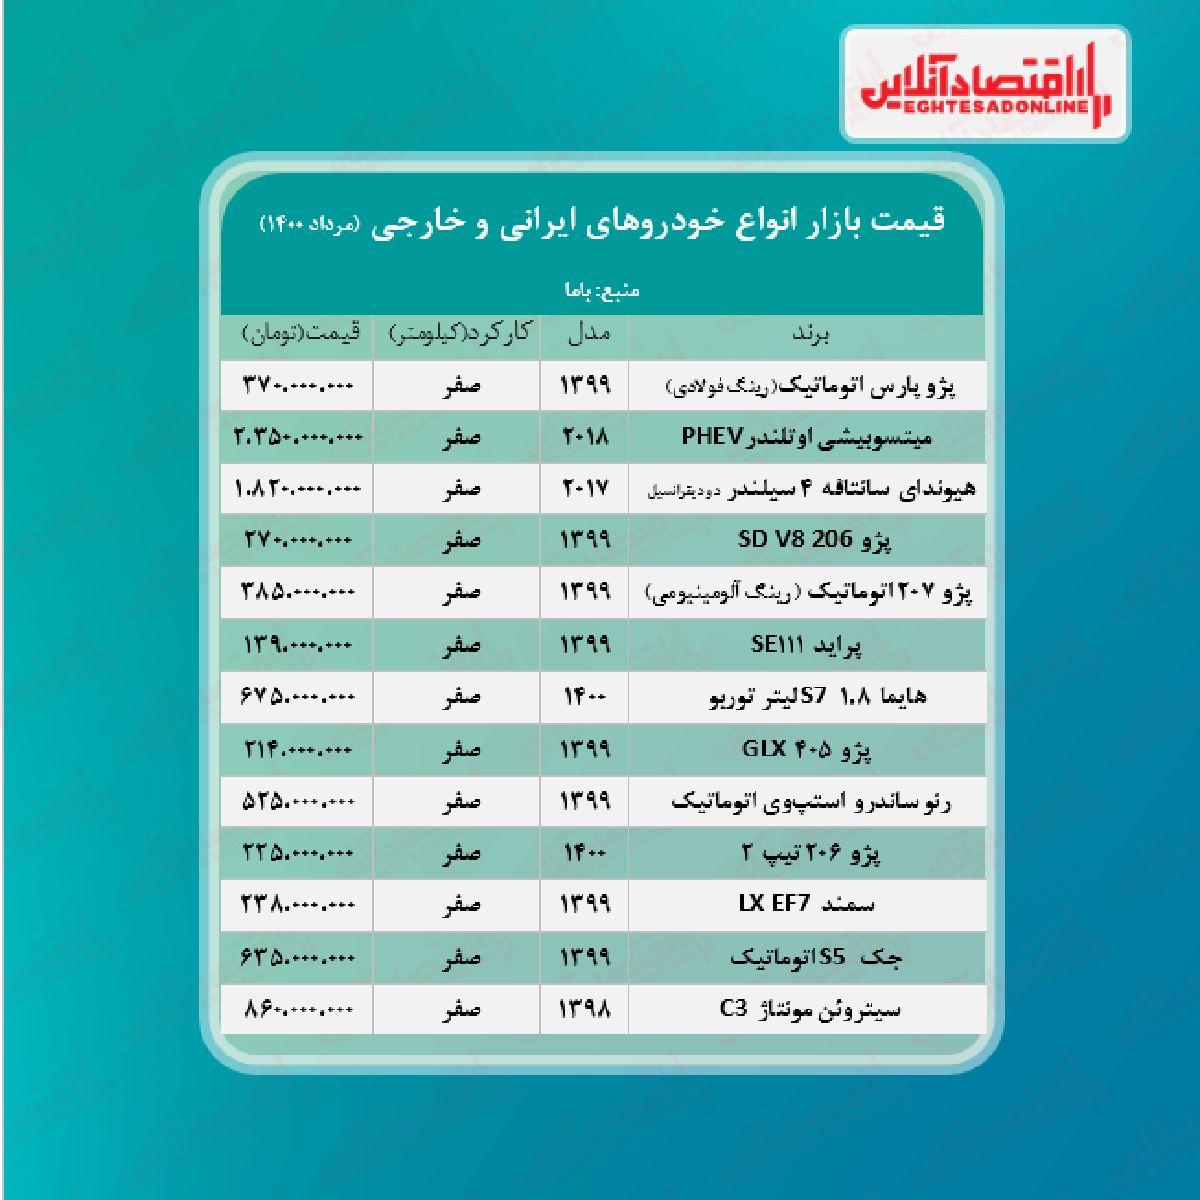 قیمت خودرو امروز ۱۴۰۰/۵/۷